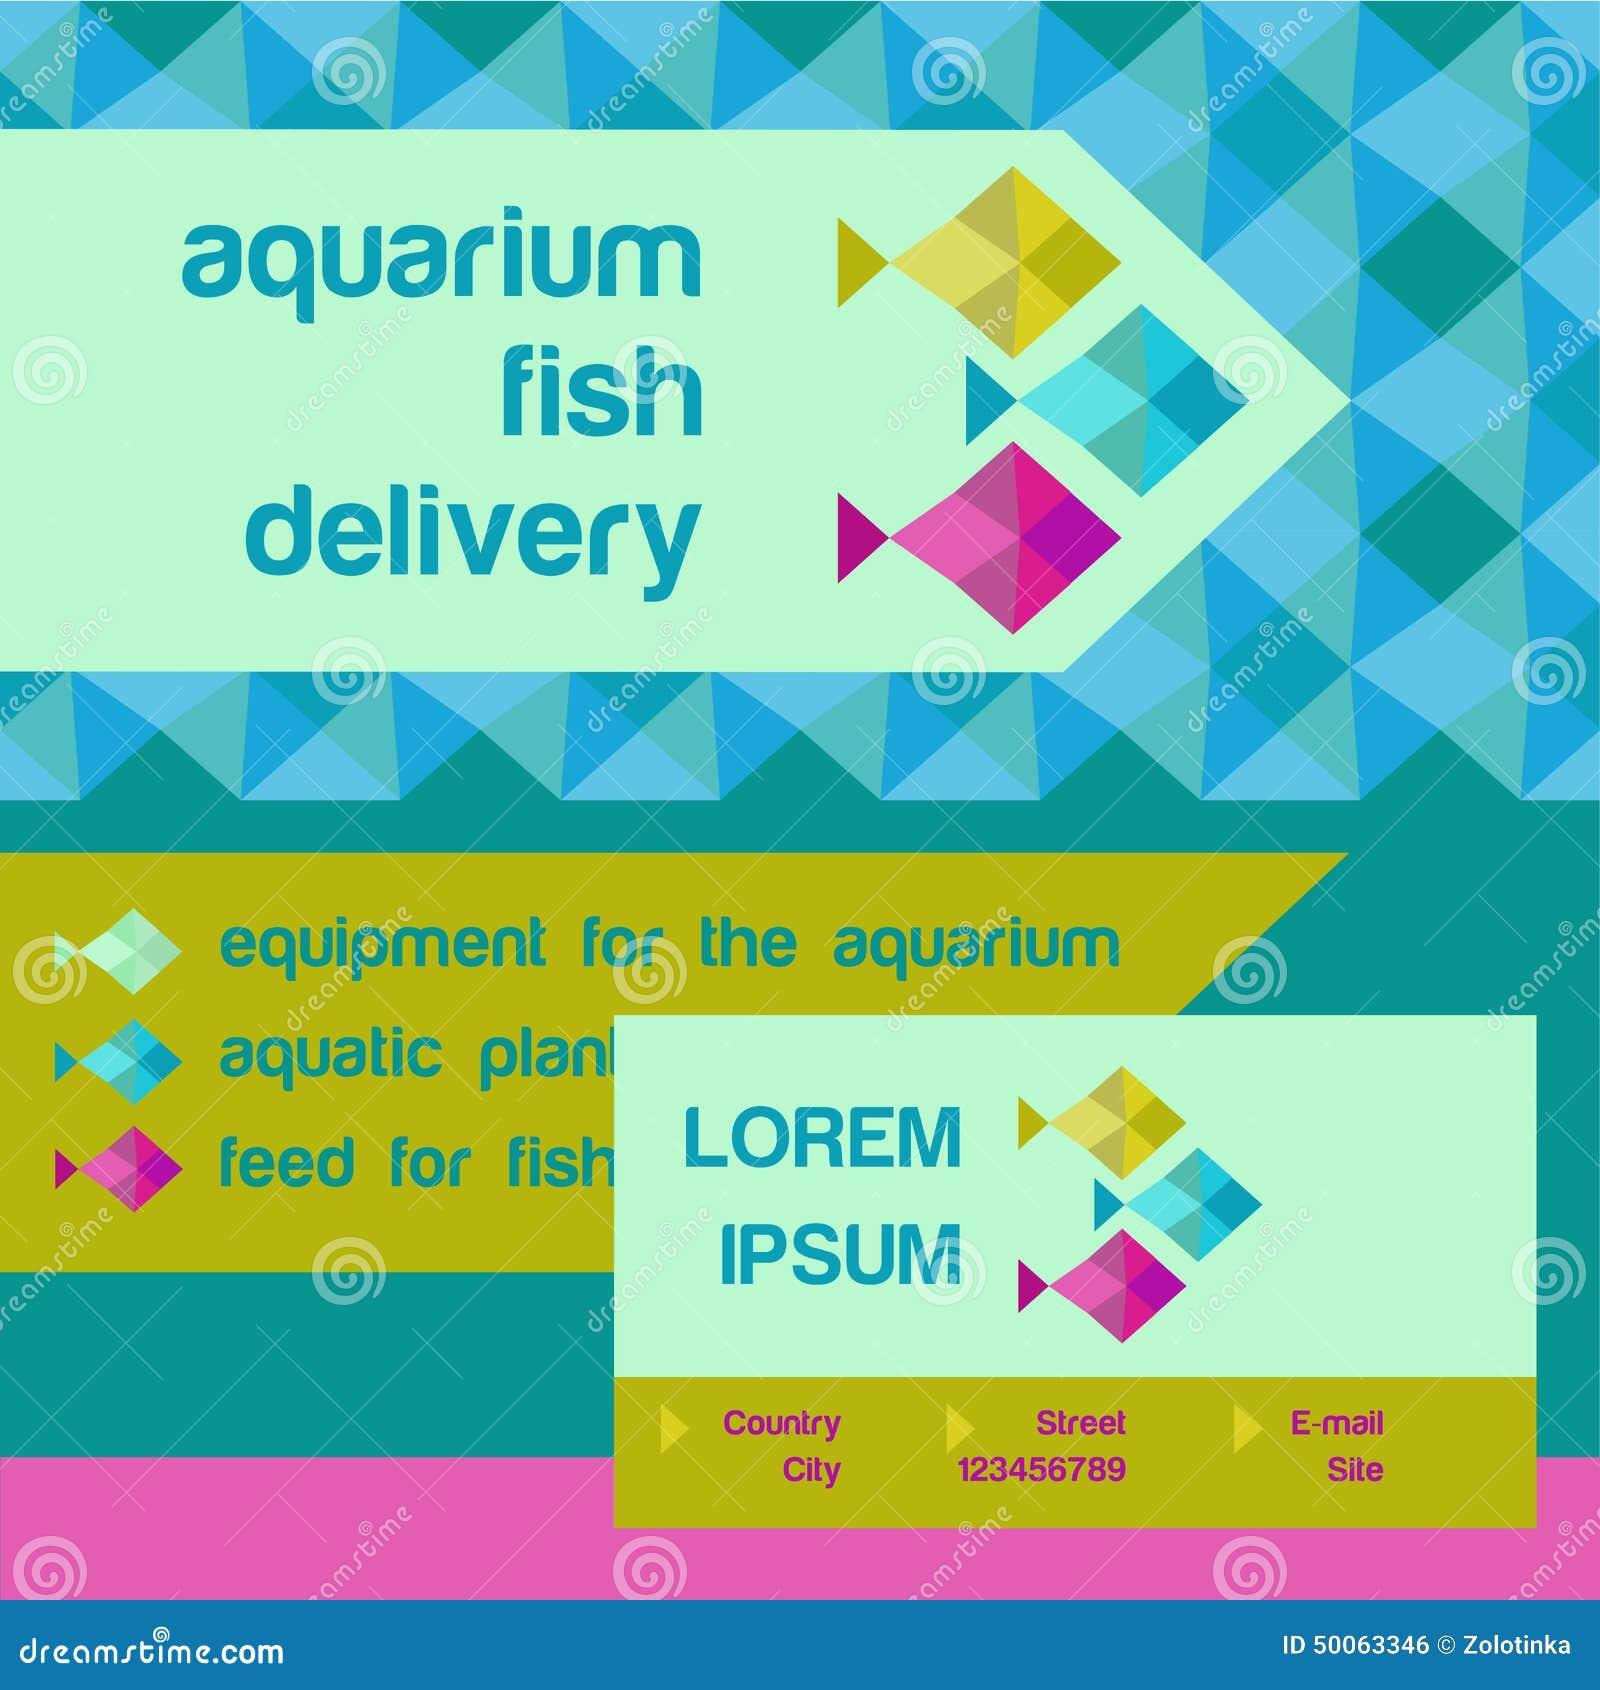 Fish aquarium identification - Vector Logo And Identification Shop Aquarium Fish